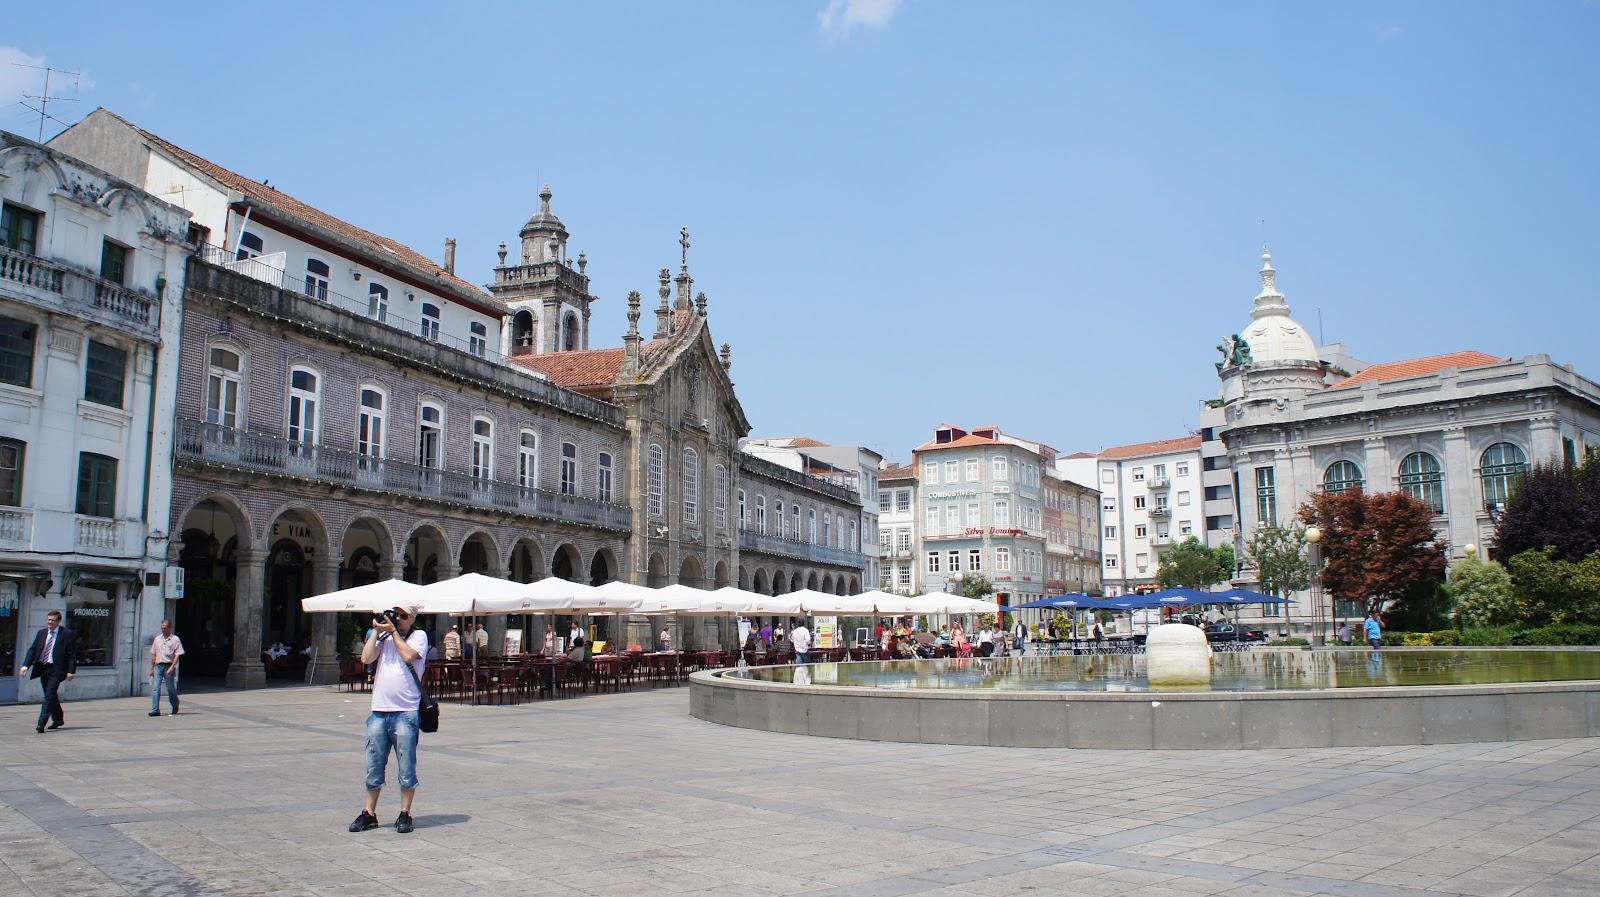 Пладь Республики в Браге, Португалия